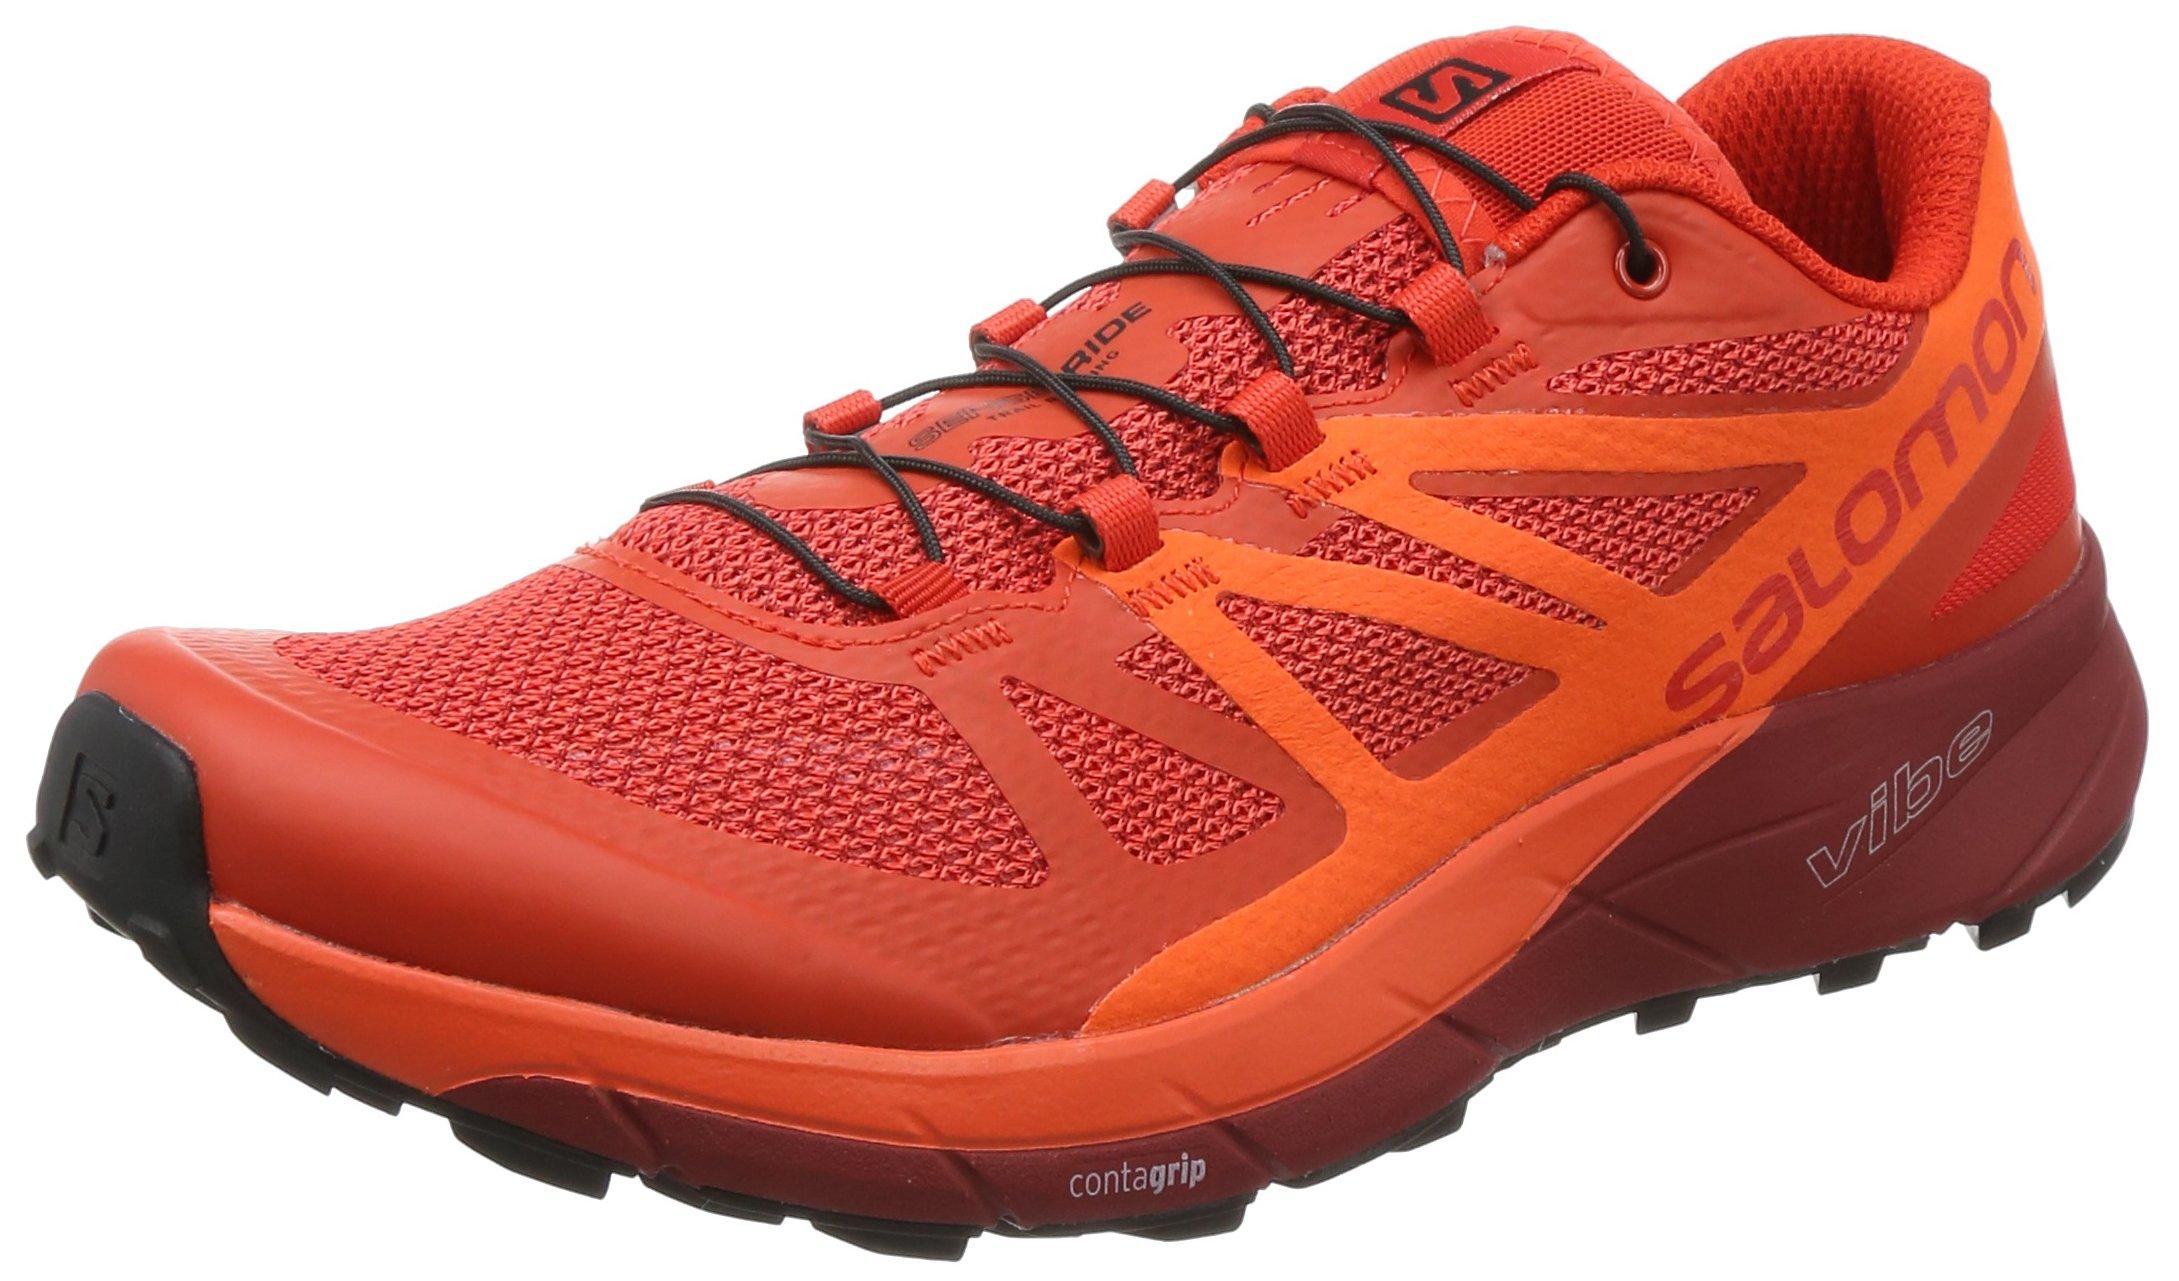 Salomon Men's Sense Ride Running Trail Shoes Fiery Red/Scarlet Ibis/Red Dalhia 8